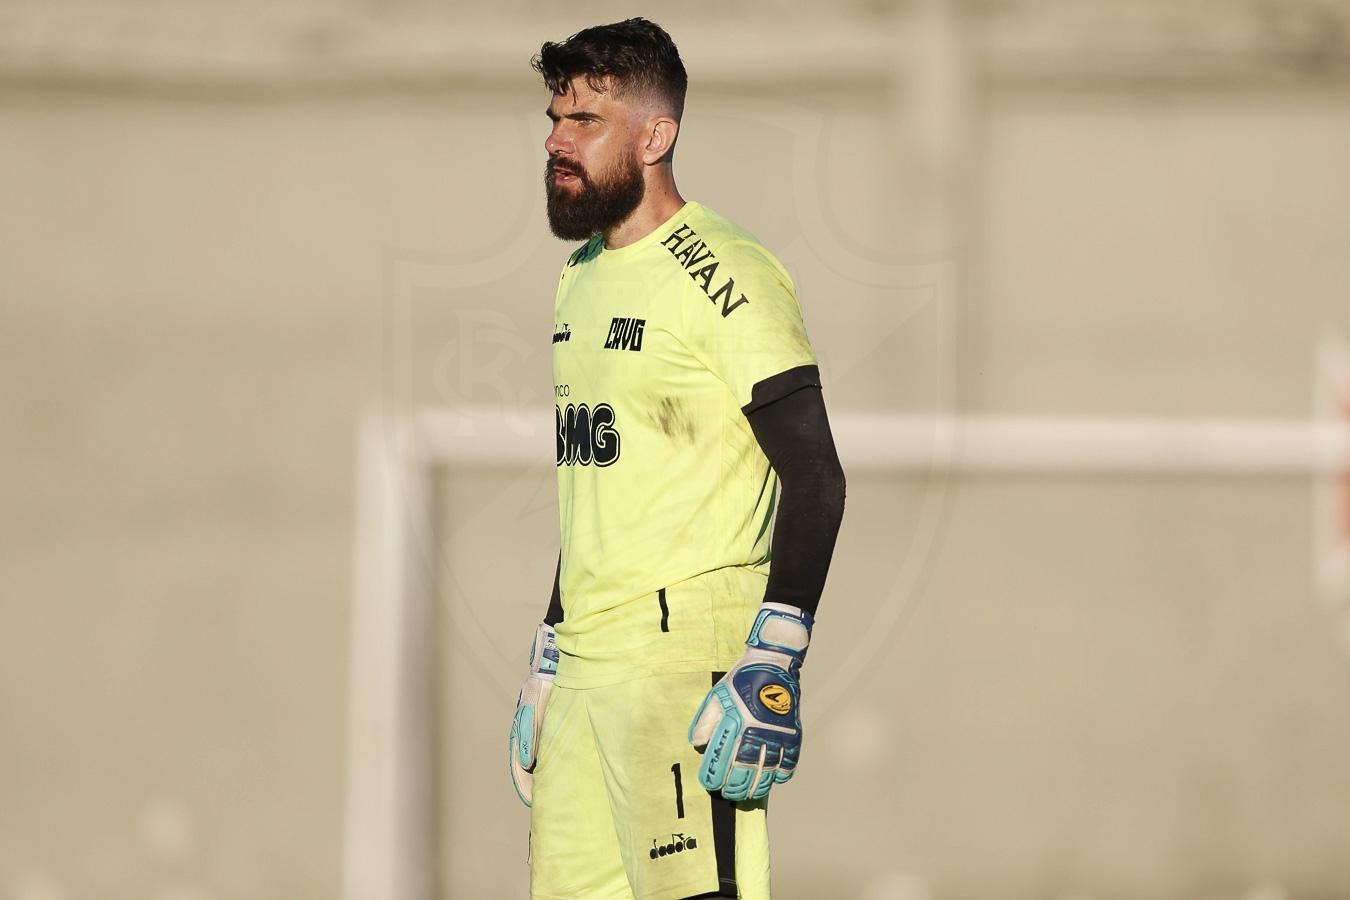 Fernando Miguel durante o treinamento desta quinta-feira em São Januário